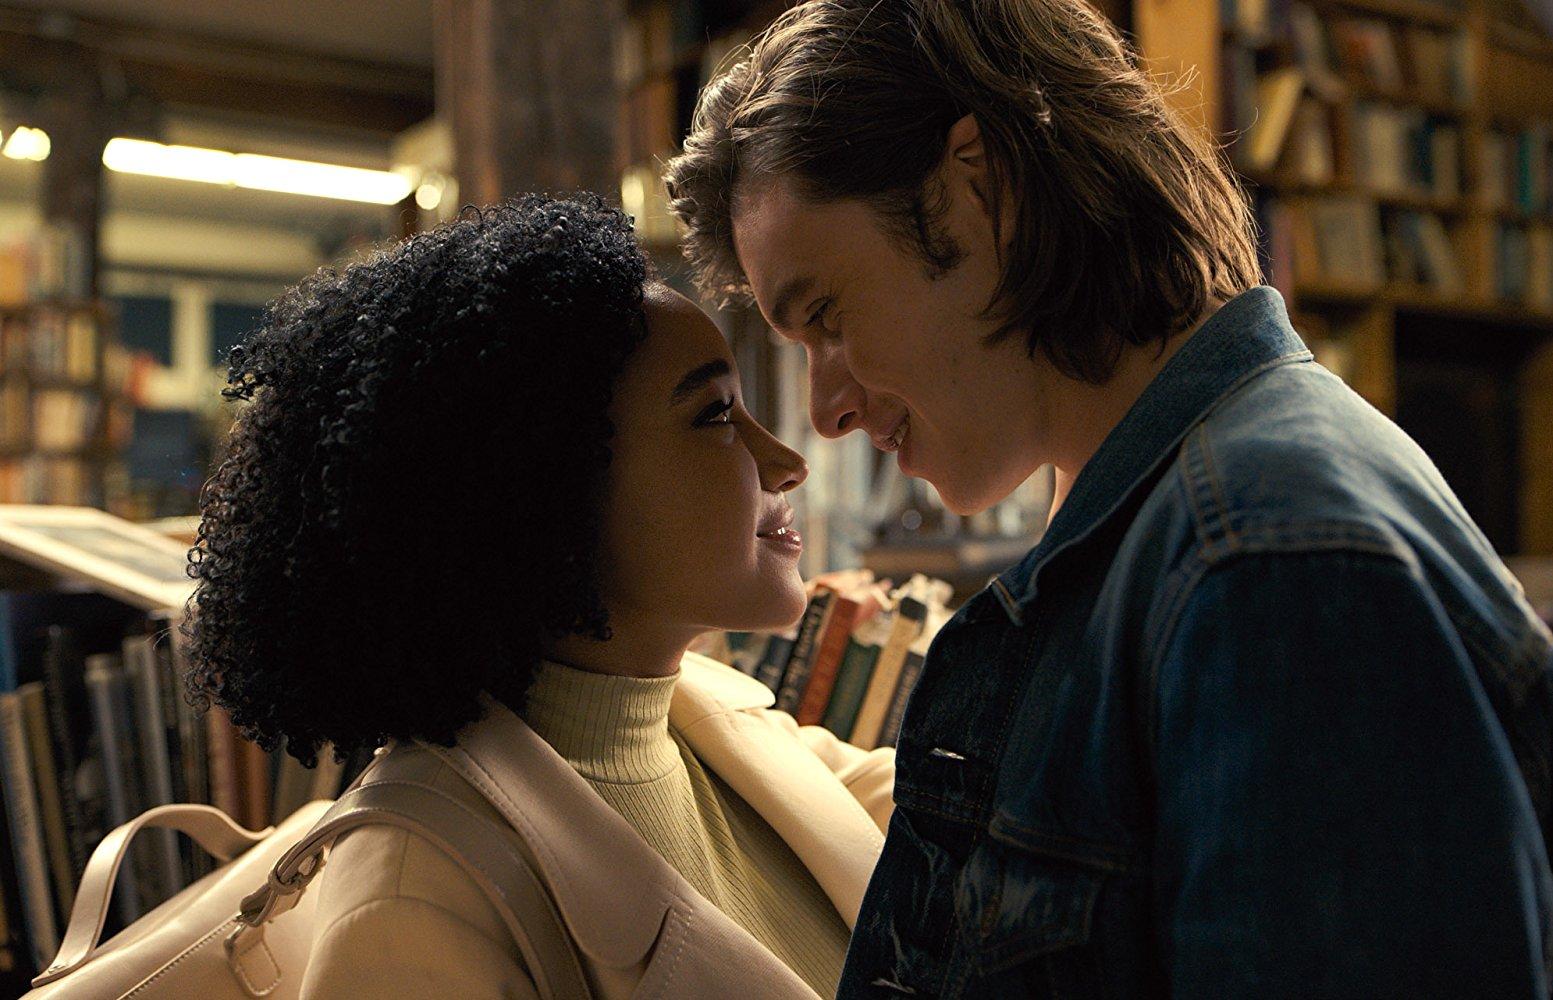 ослабила какой фильм о любви стоит посмотреть началом